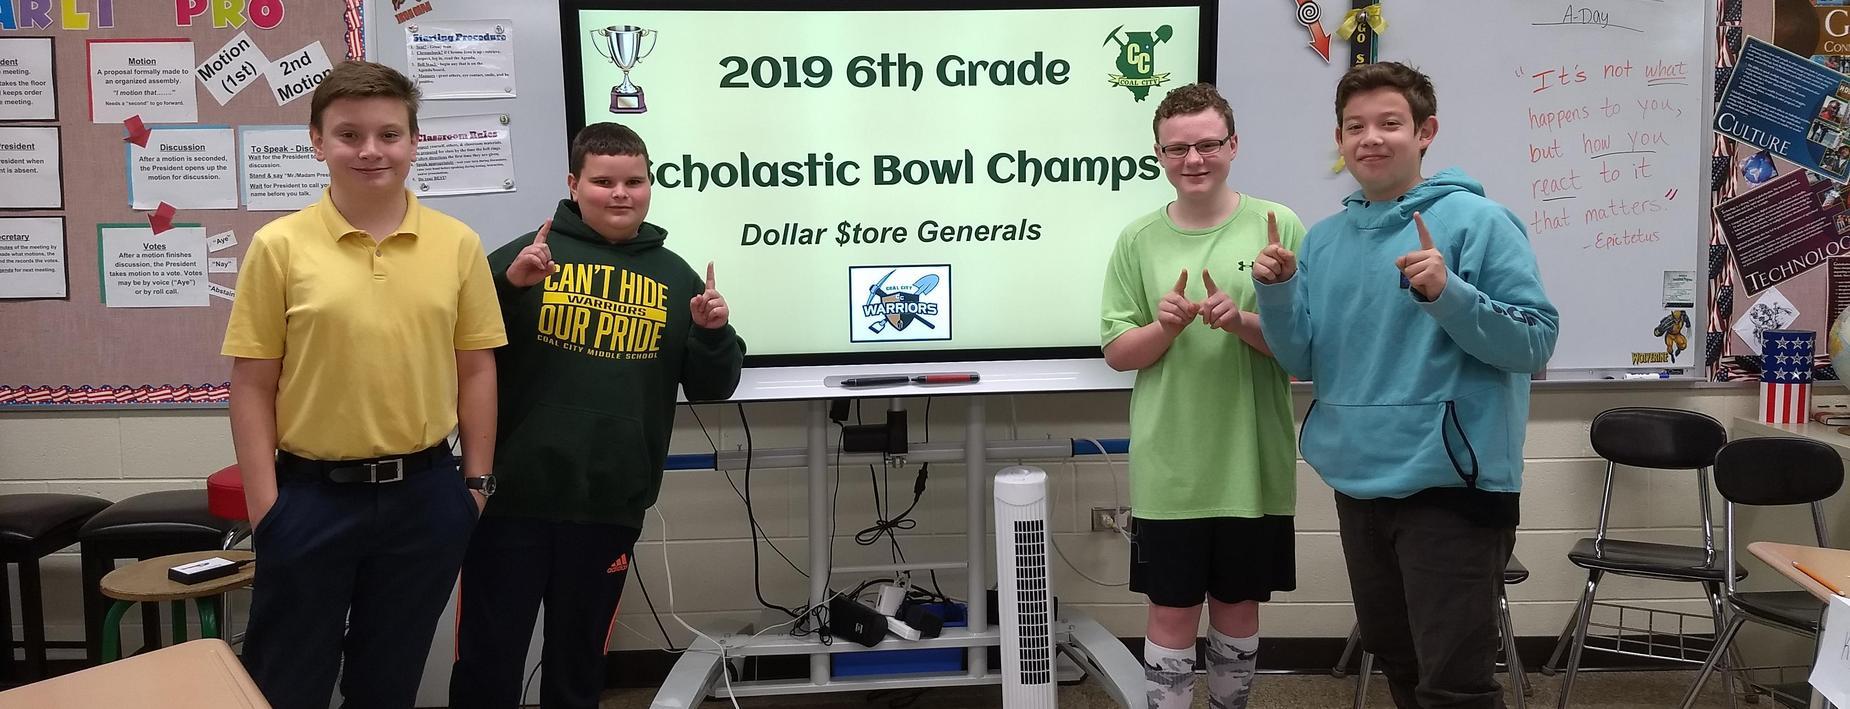 Scholastic Bowl Champs